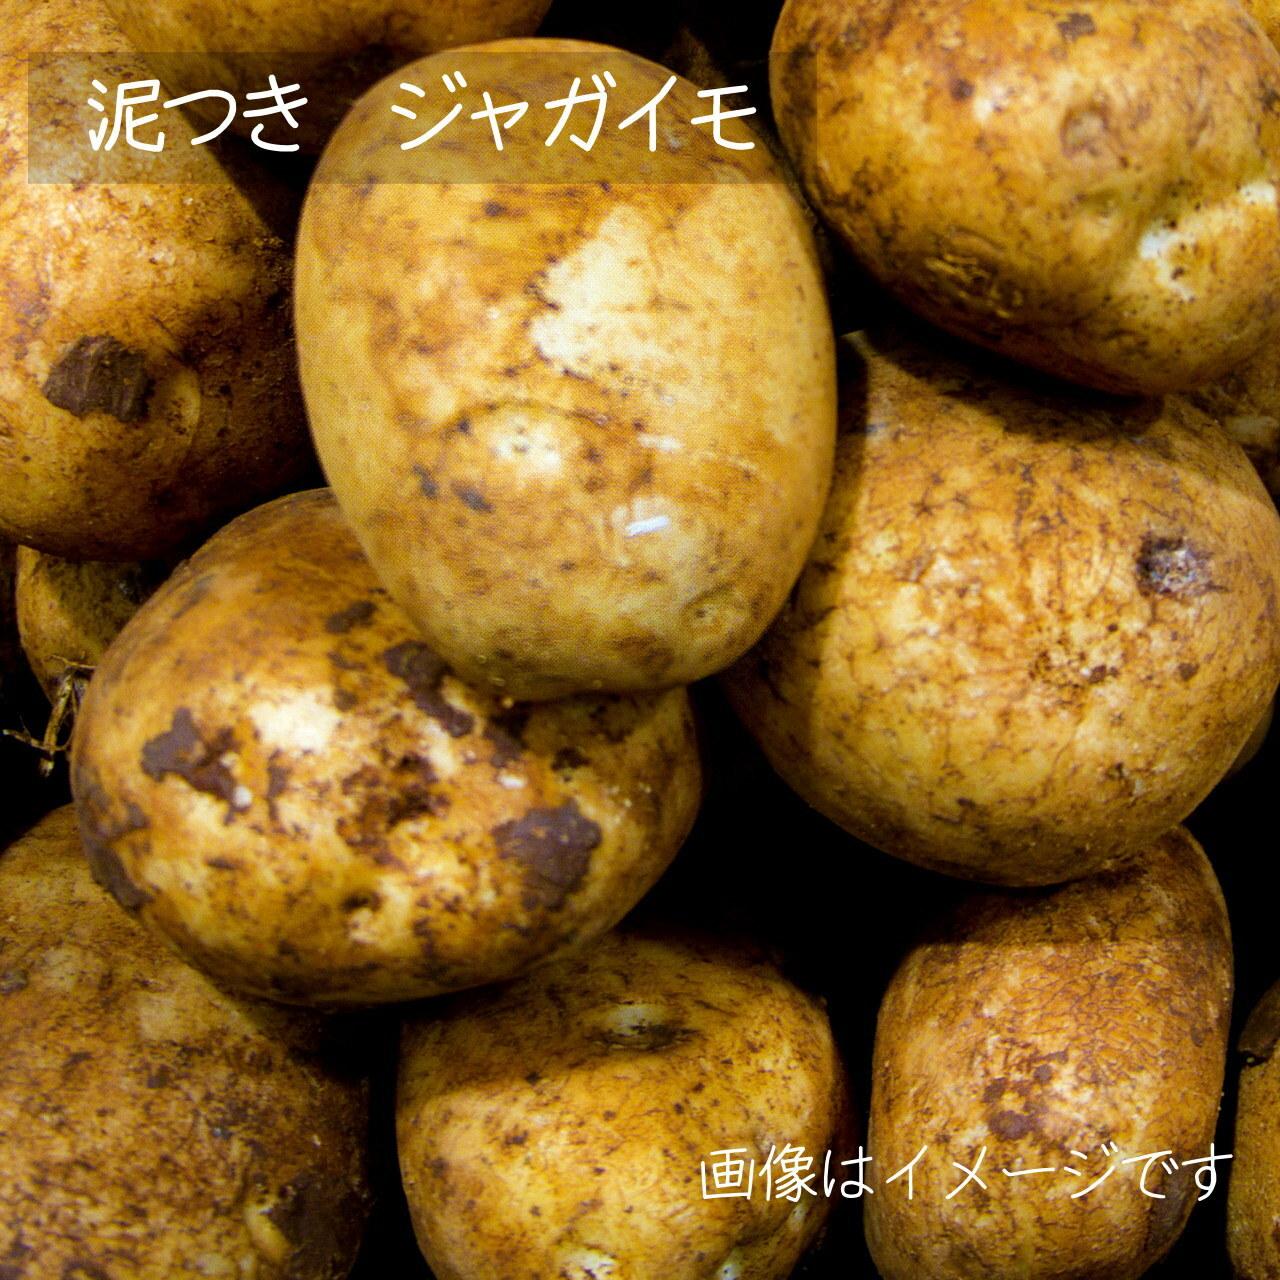 新鮮な秋野菜 : ジャガイモ 約600g 9月の朝採り直売野菜 9月5日発送予定